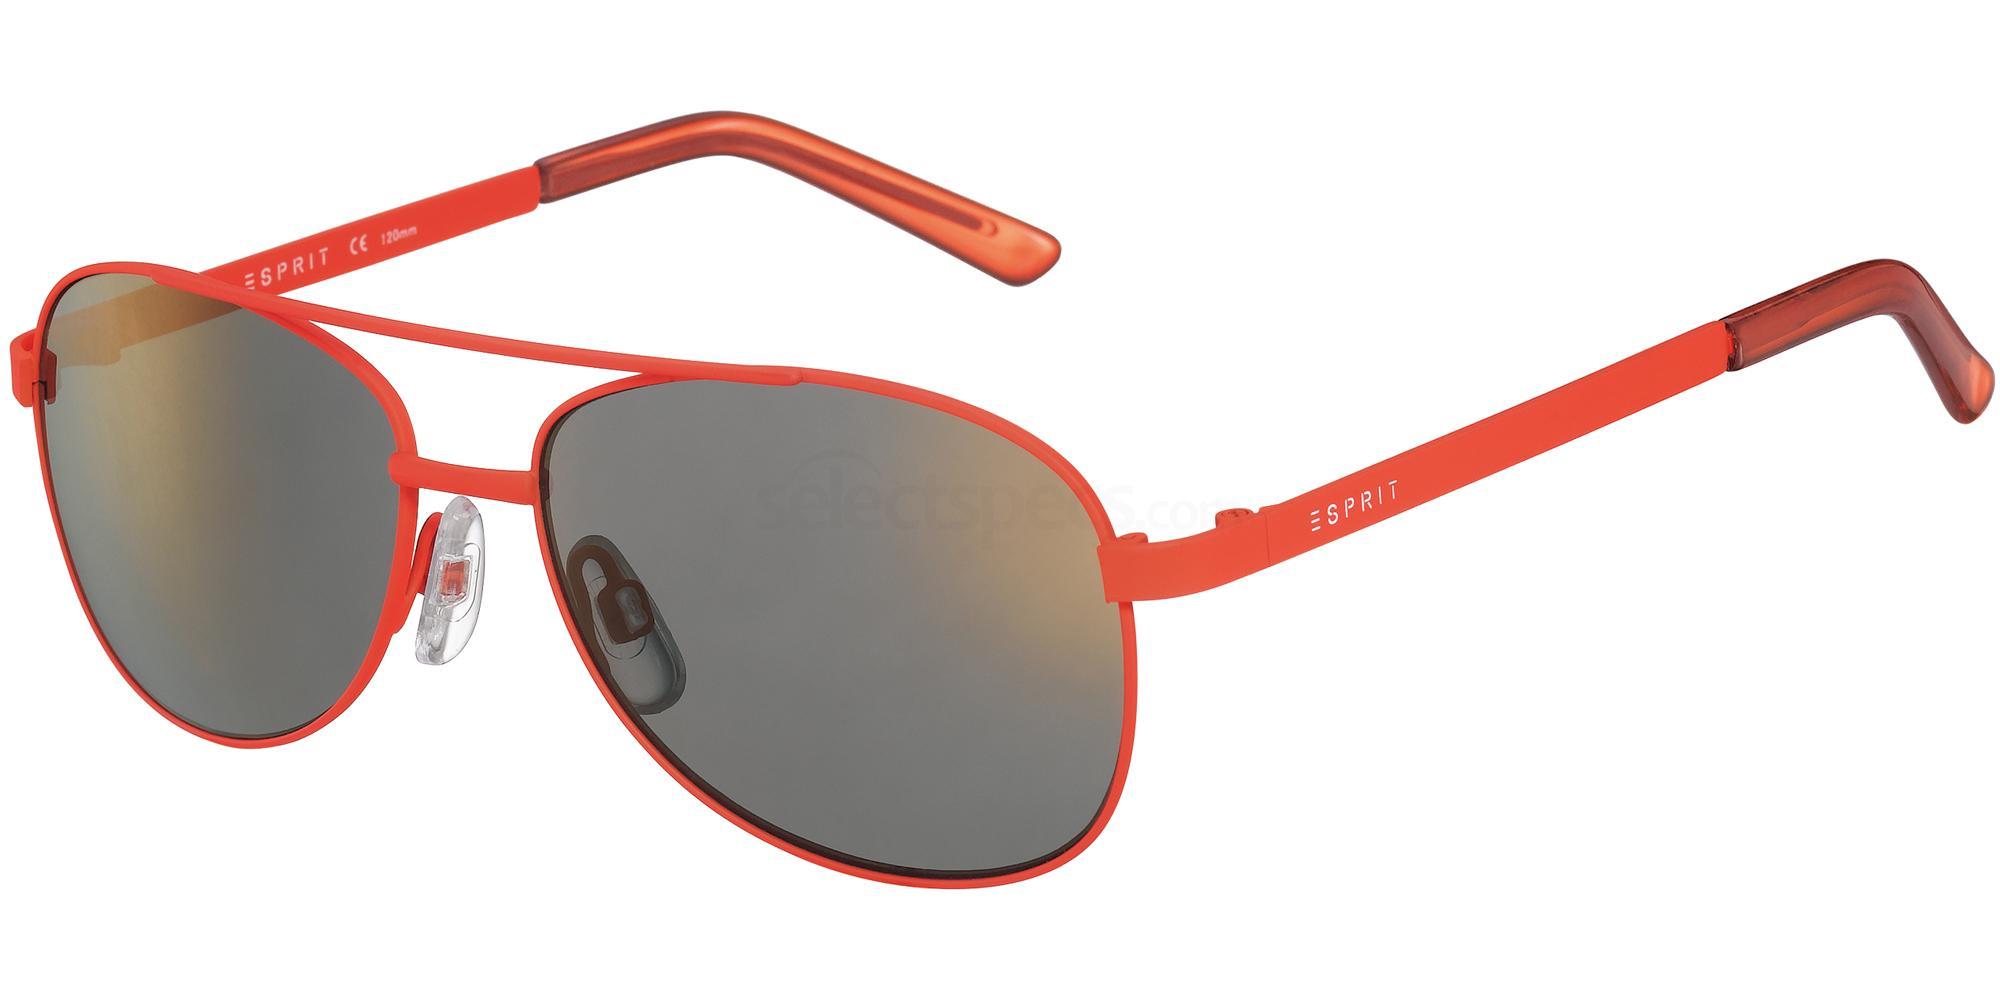 531 ET19761 Sunglasses, Esprit KIDS